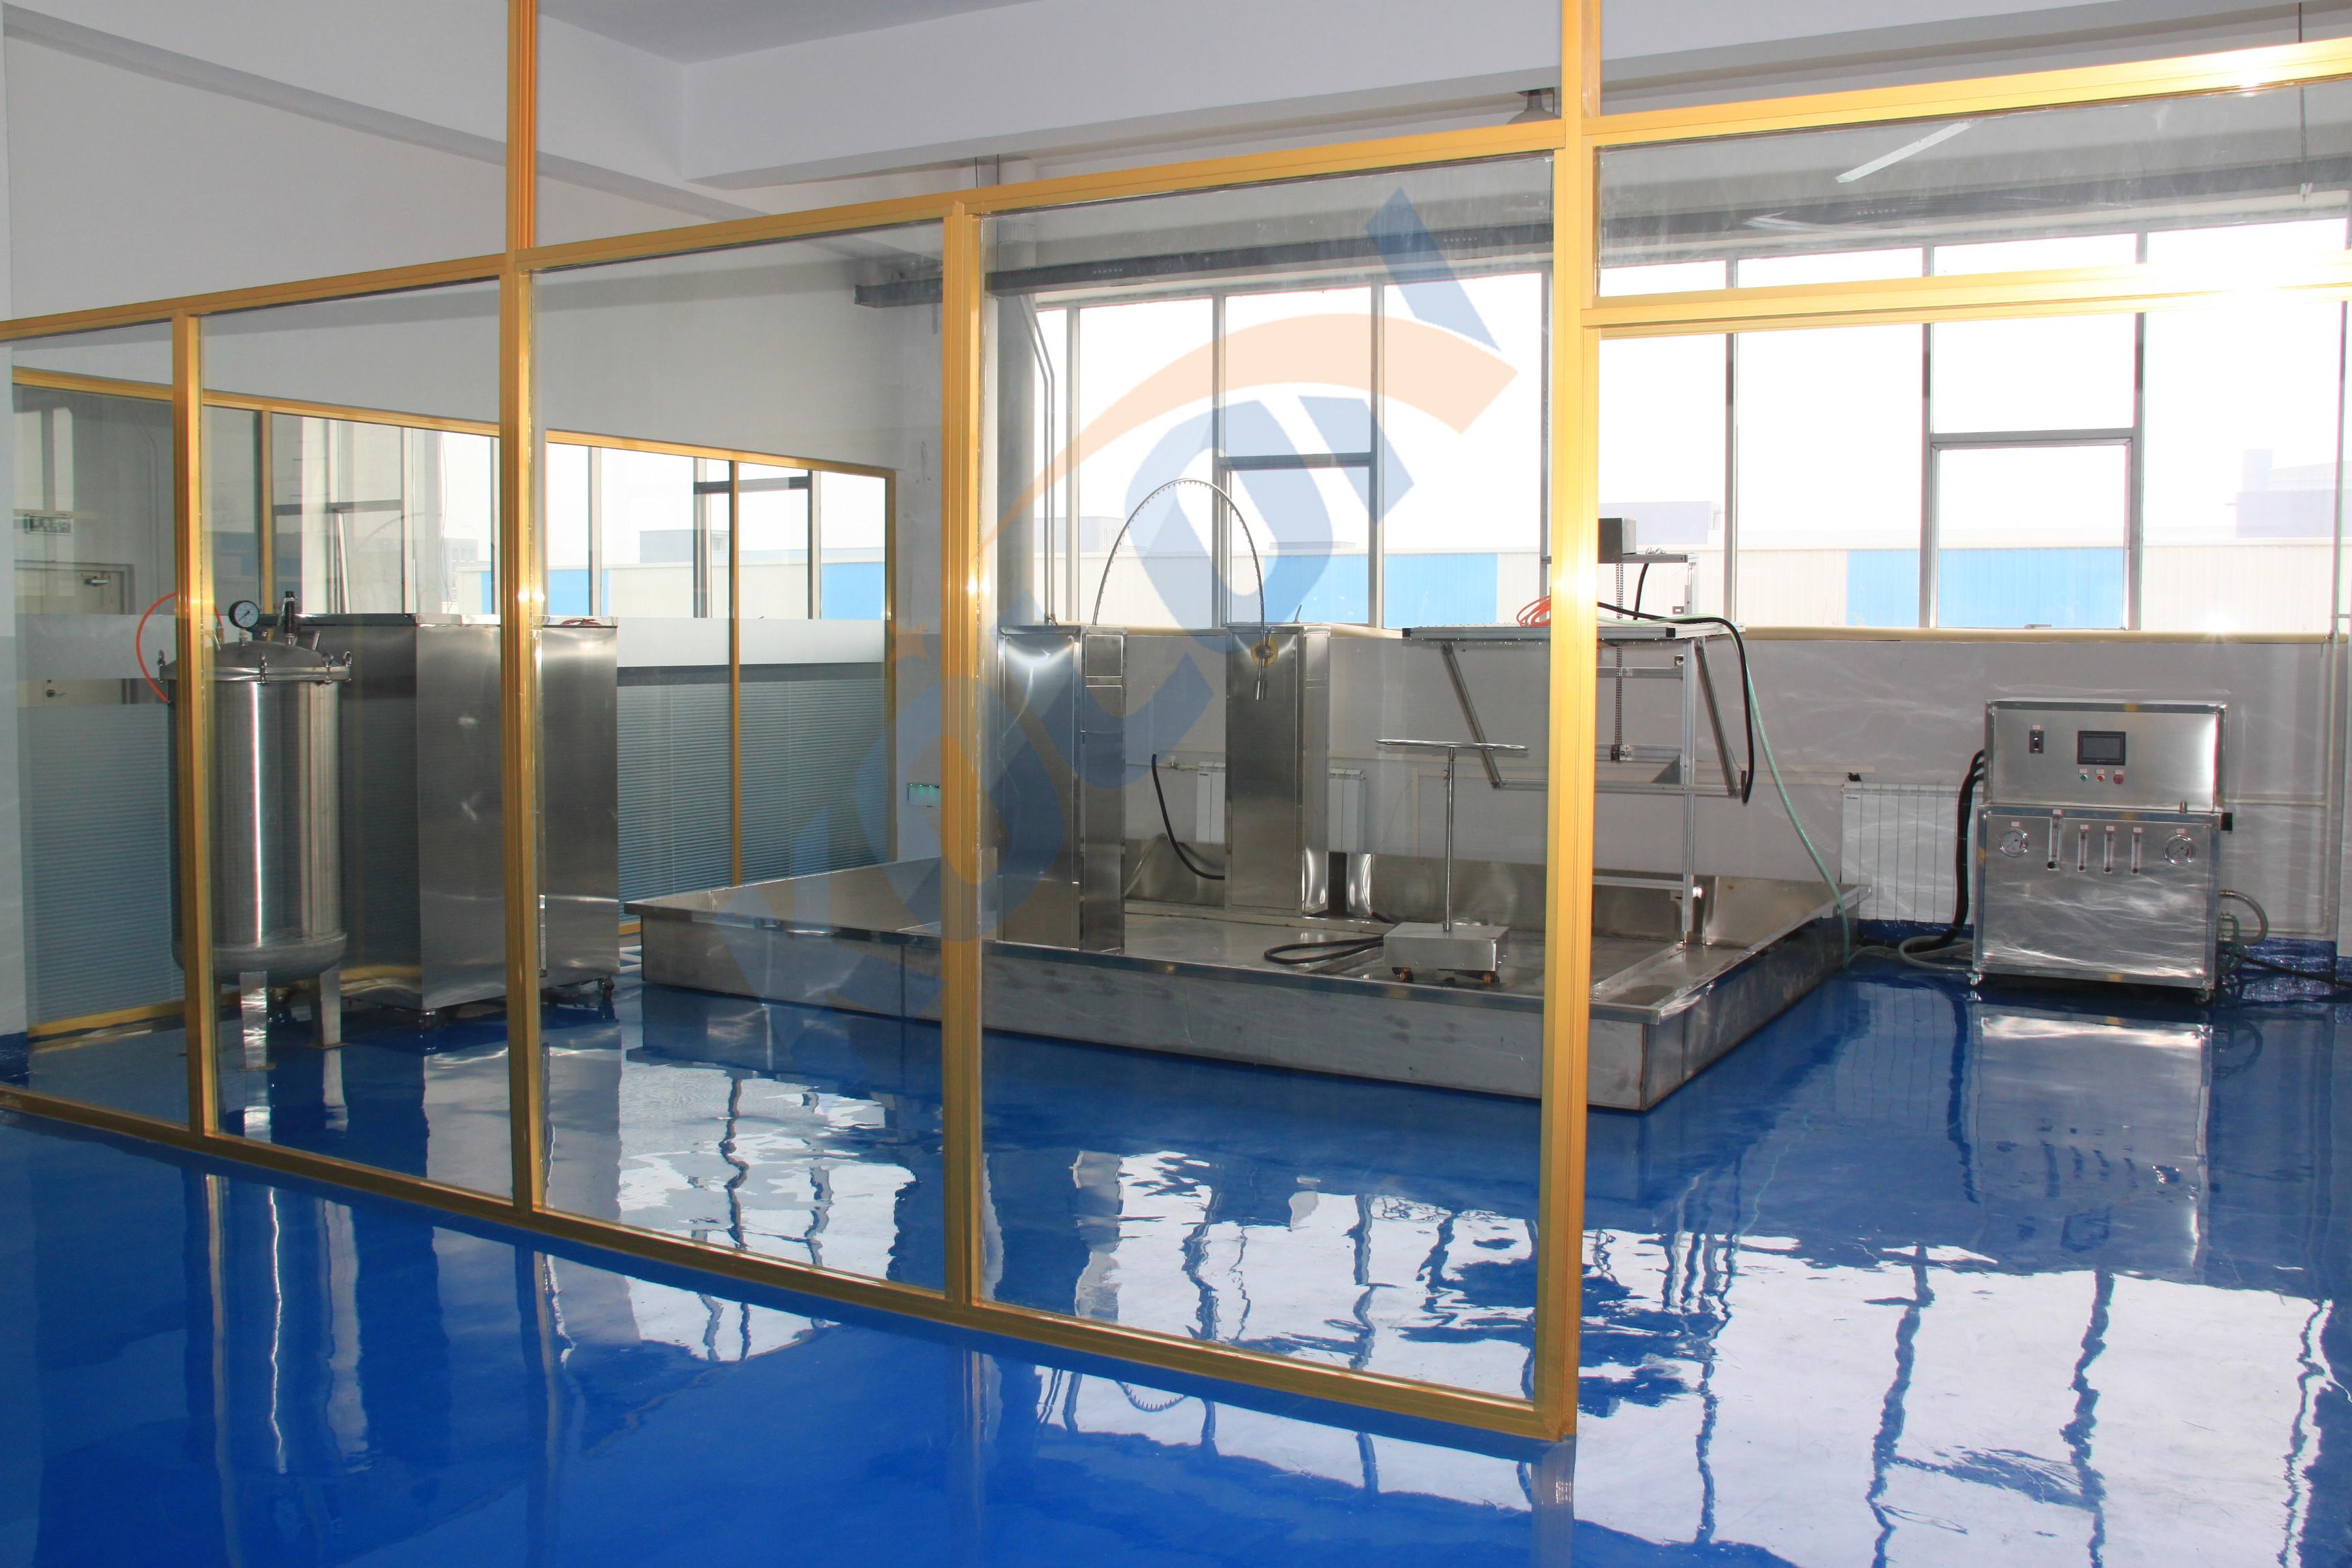 黑龙江爱普照明电器有限公司环境模拟实验室